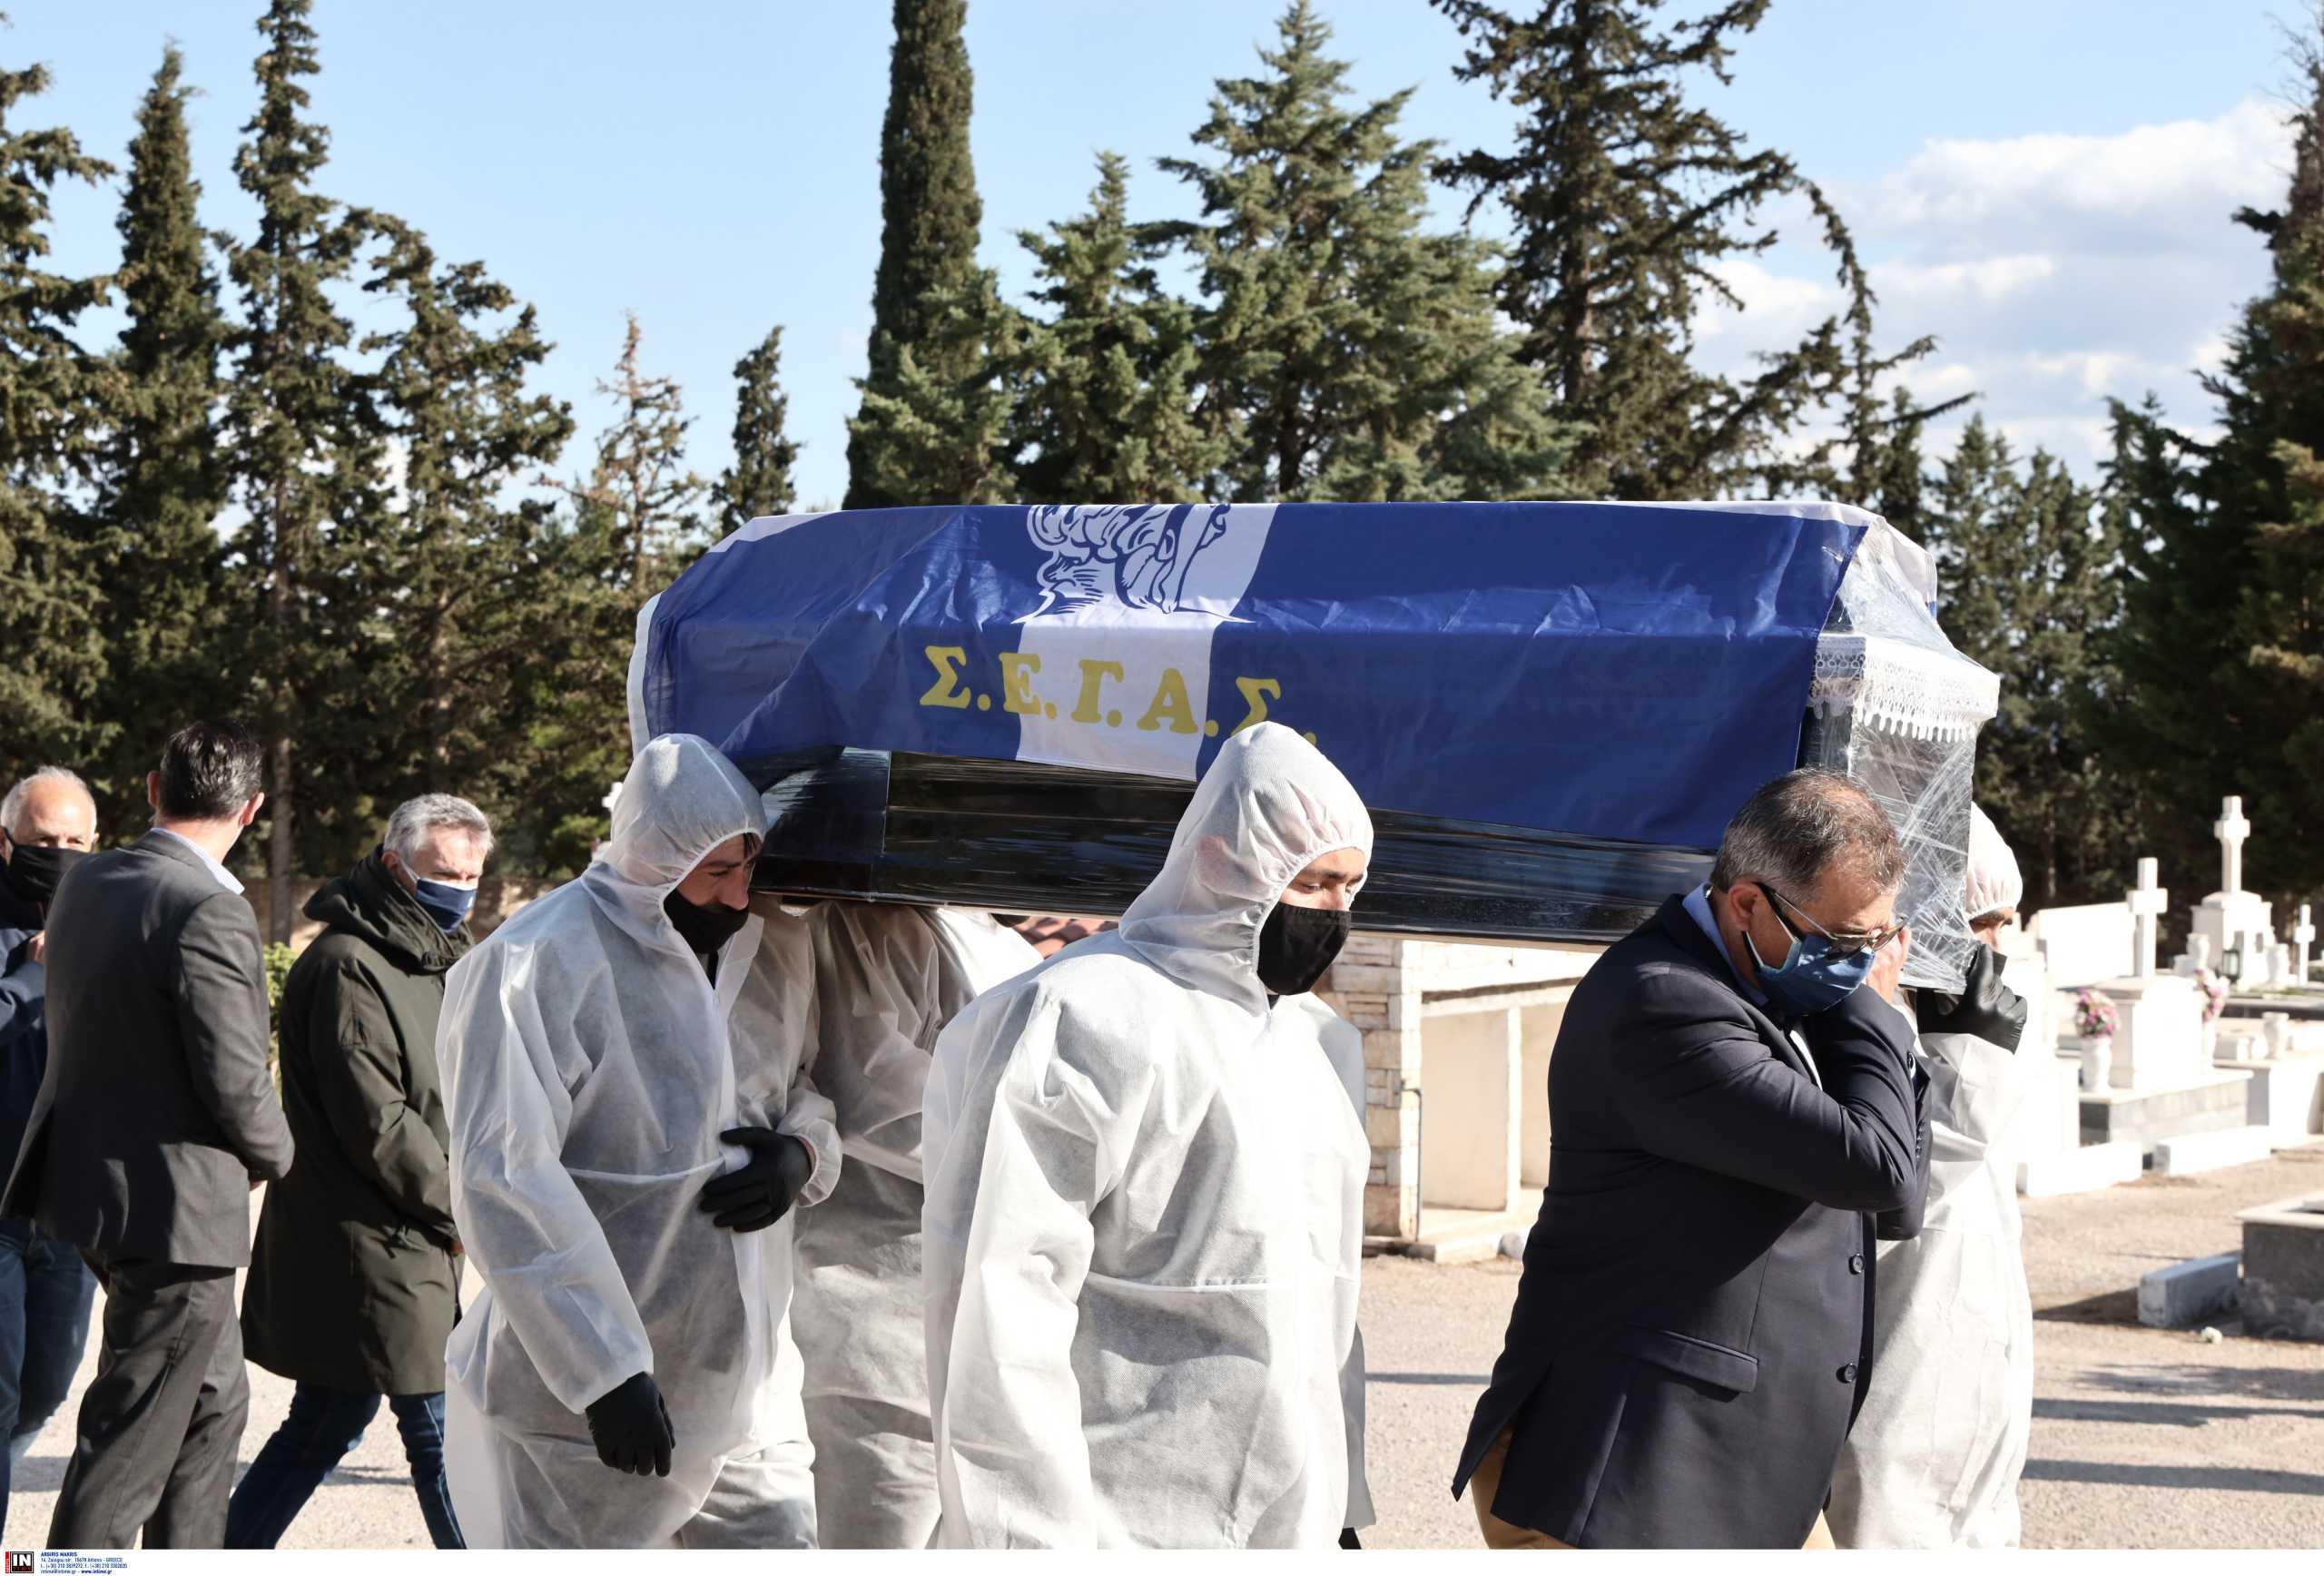 Κηδεία Σεβαστή: Με σημαία του ΣΕΓΑΣ το φέρετρο (pics)